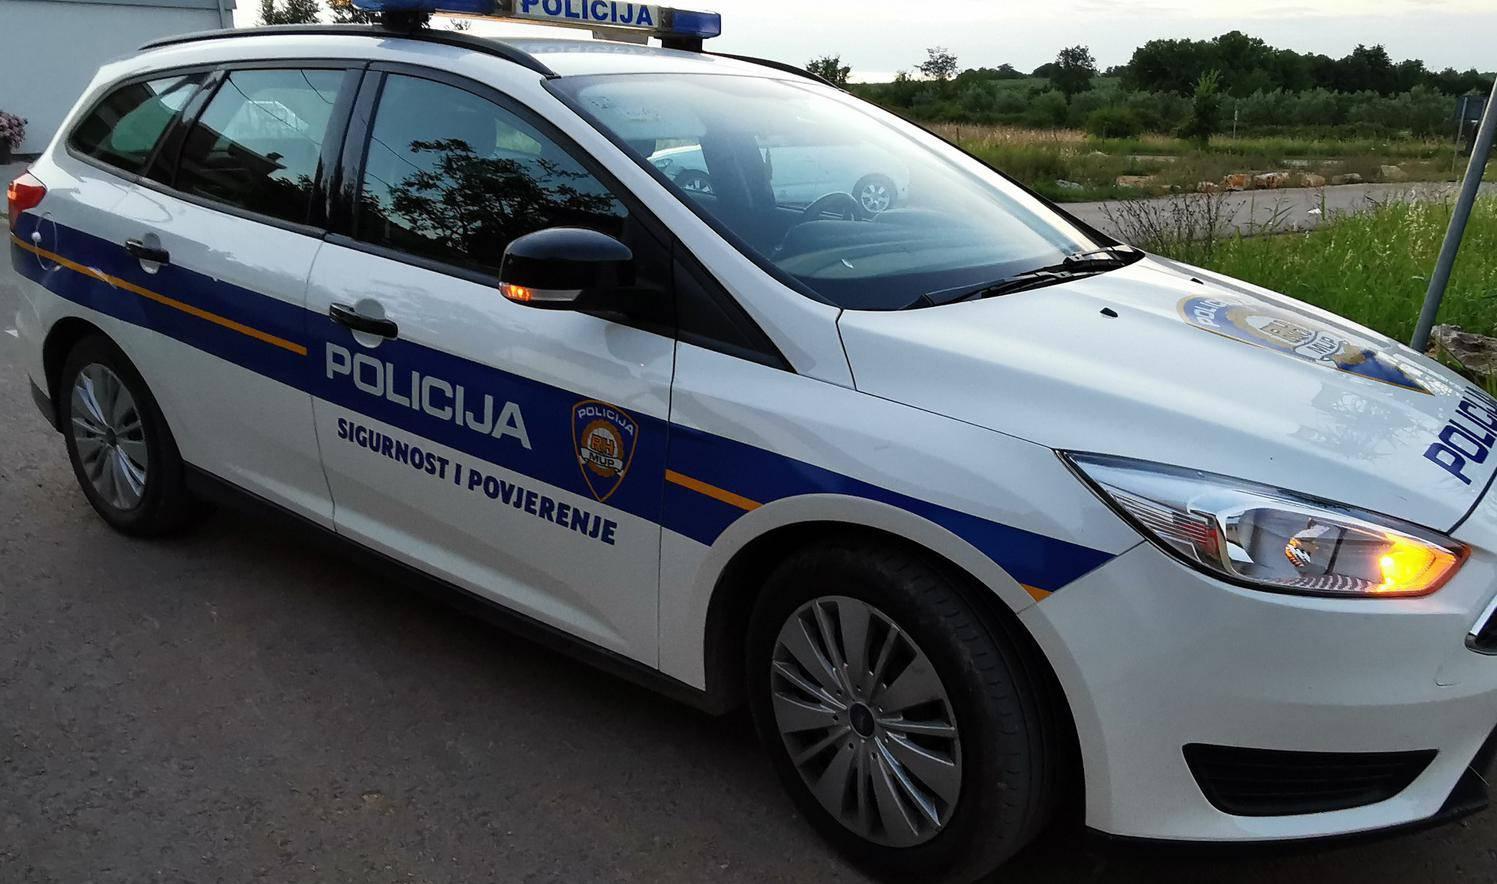 Policajac u Ogulinu slučajno je upucao drugog i teško ga ranio